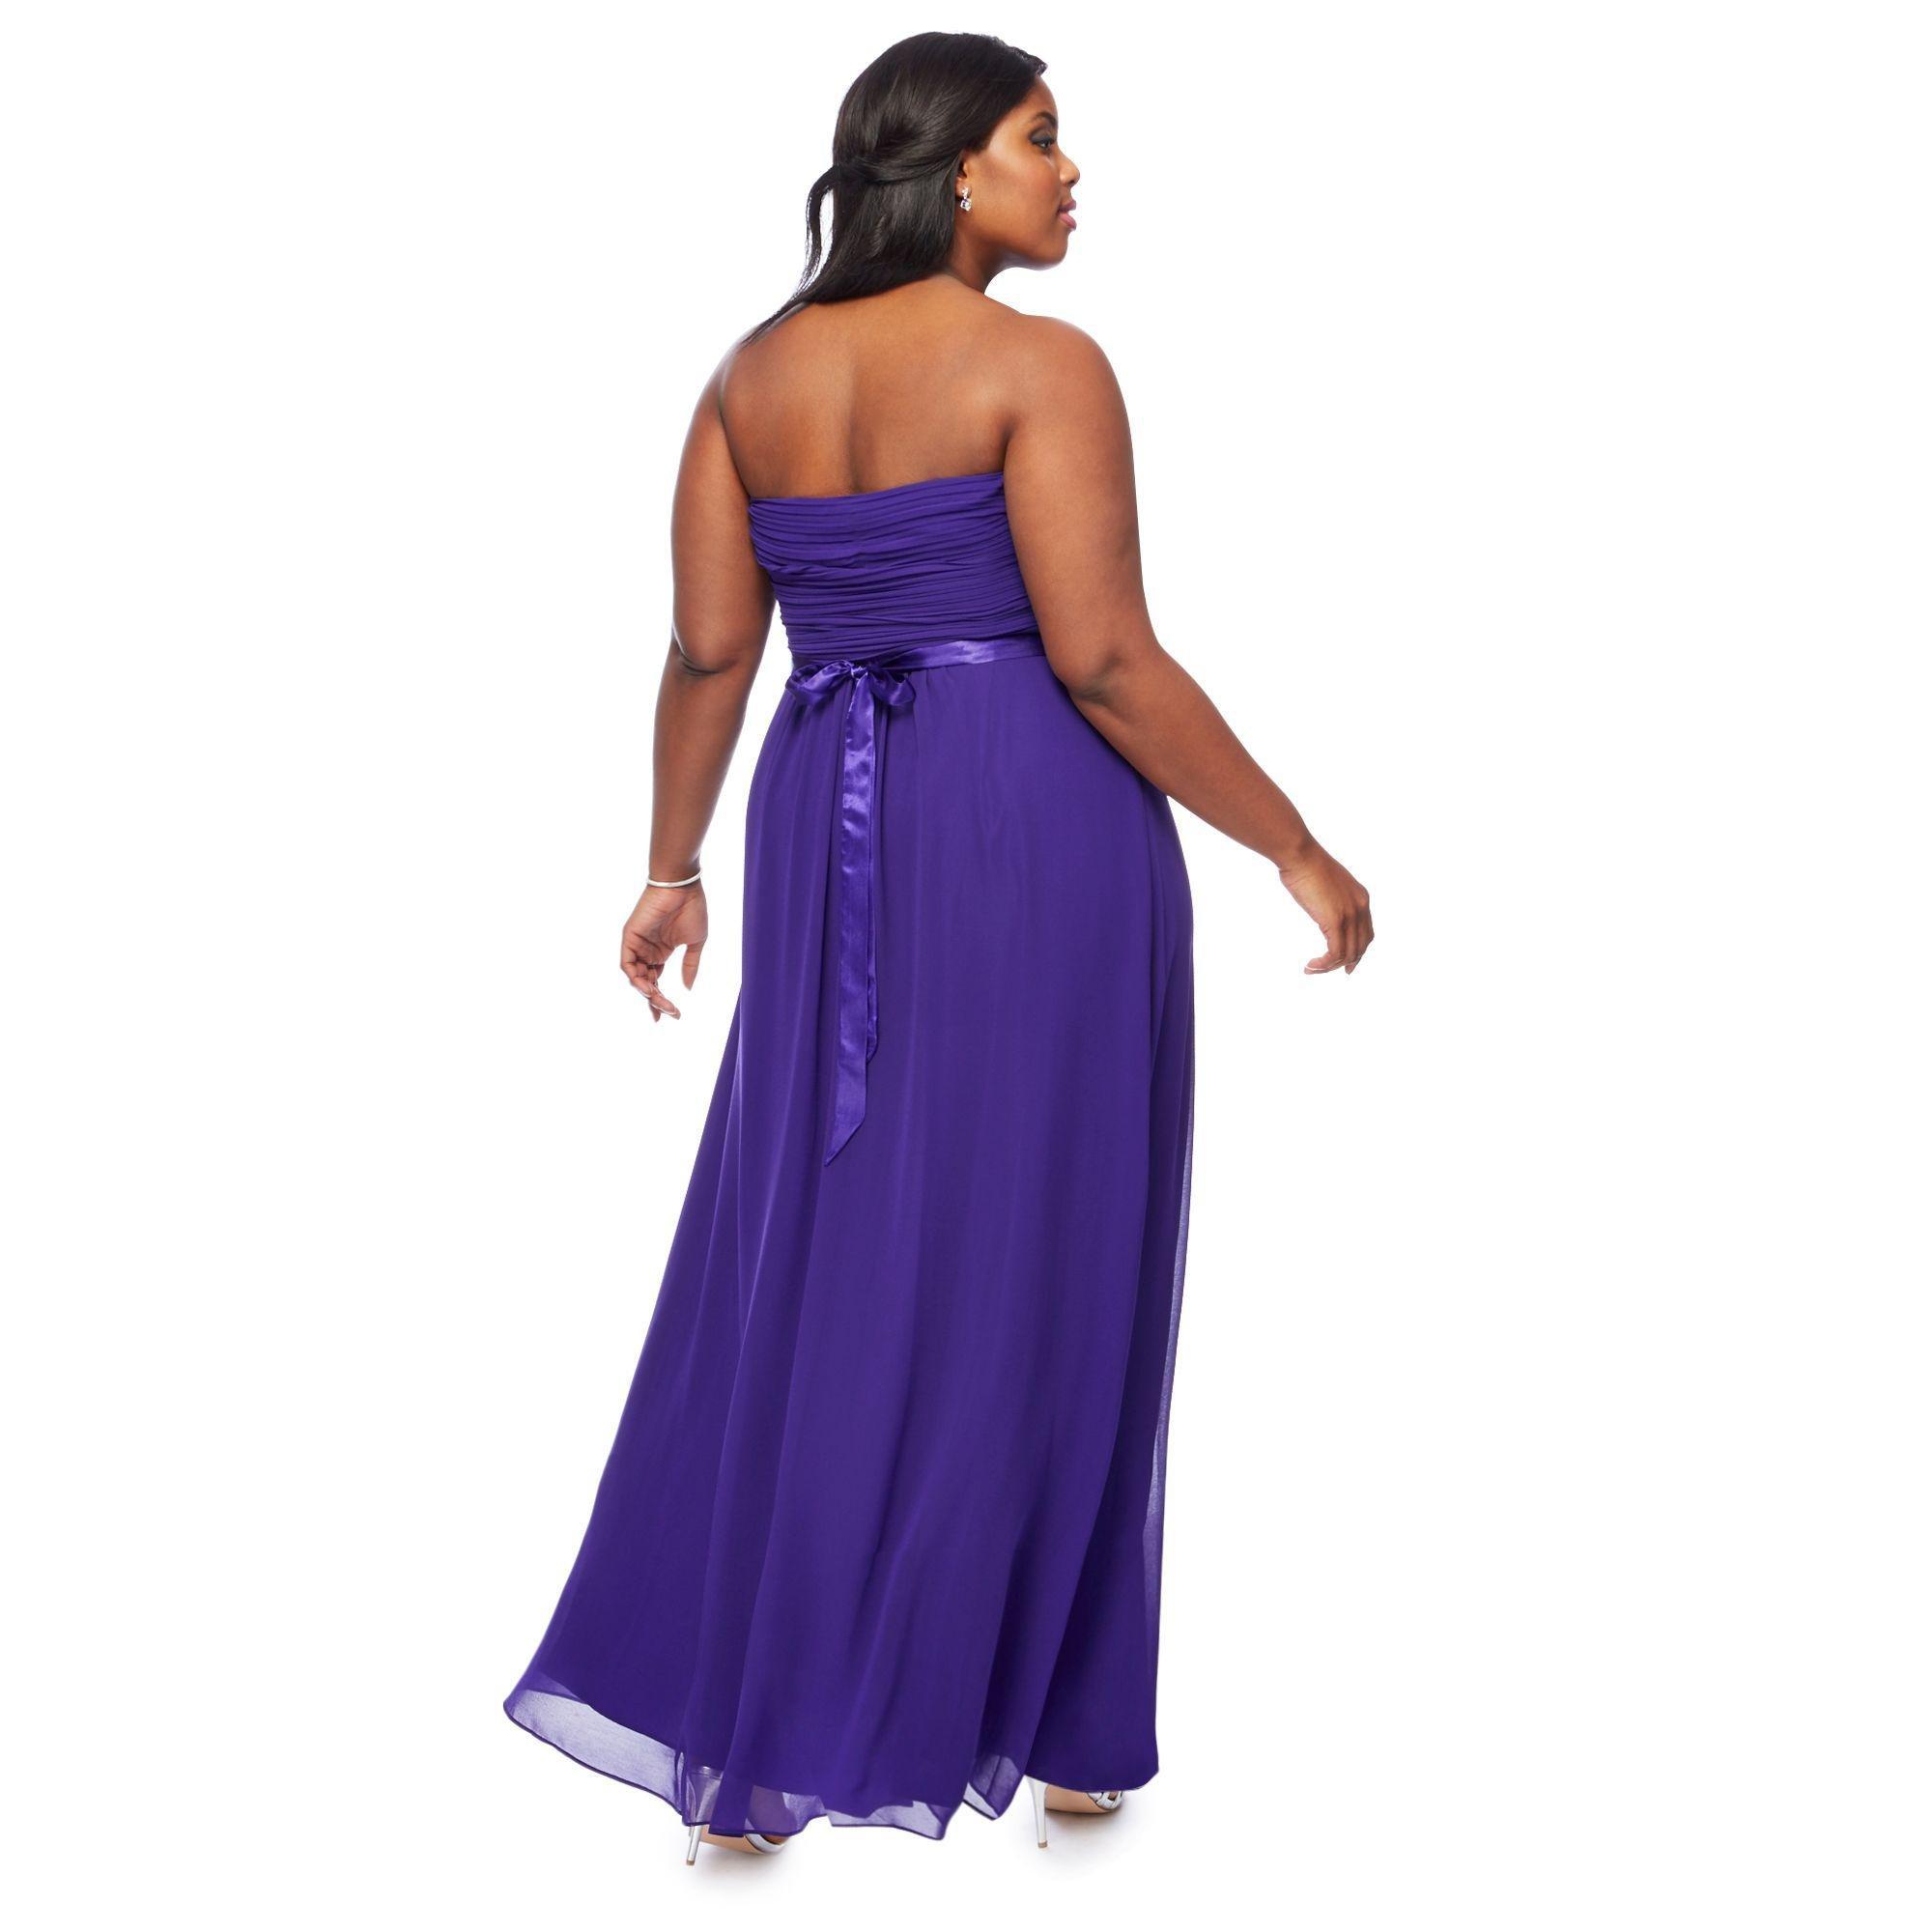 Lyst - Début Purple \'sophia\' Bandeau Plus Size Bridesmaid Dress in ...